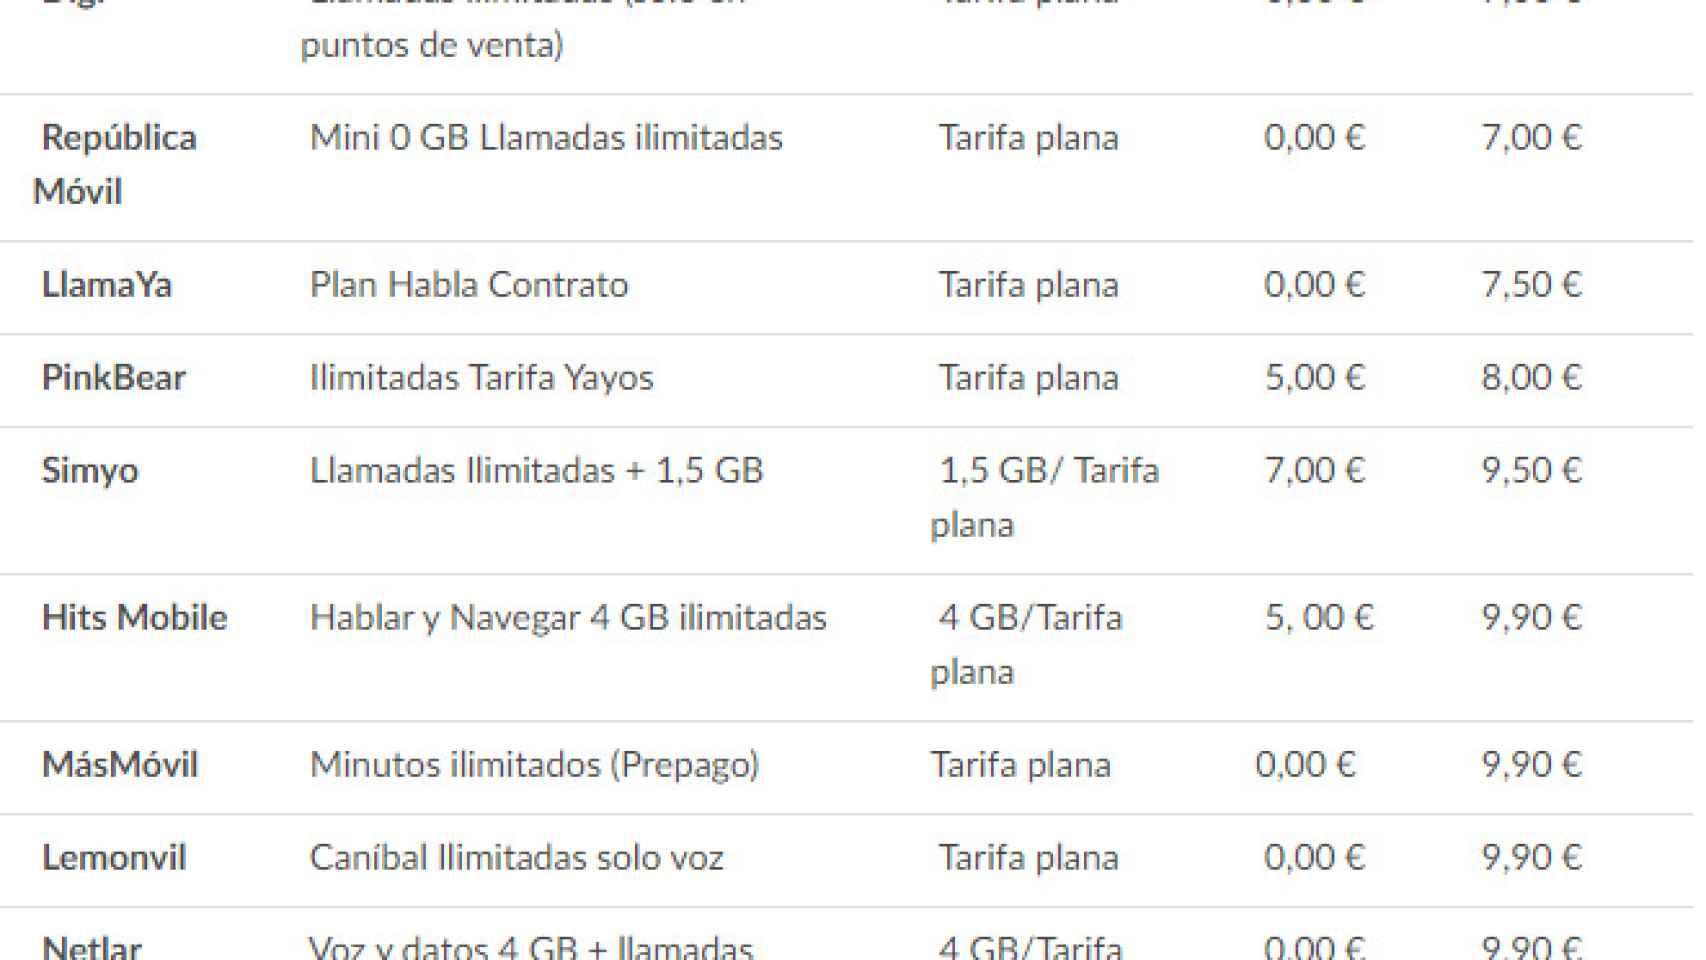 Interpretativo plataforma fregar  Estas son las 13 compañías telefónicas que no conoces y ofrecen tarifas  planas por menos de 10 euros